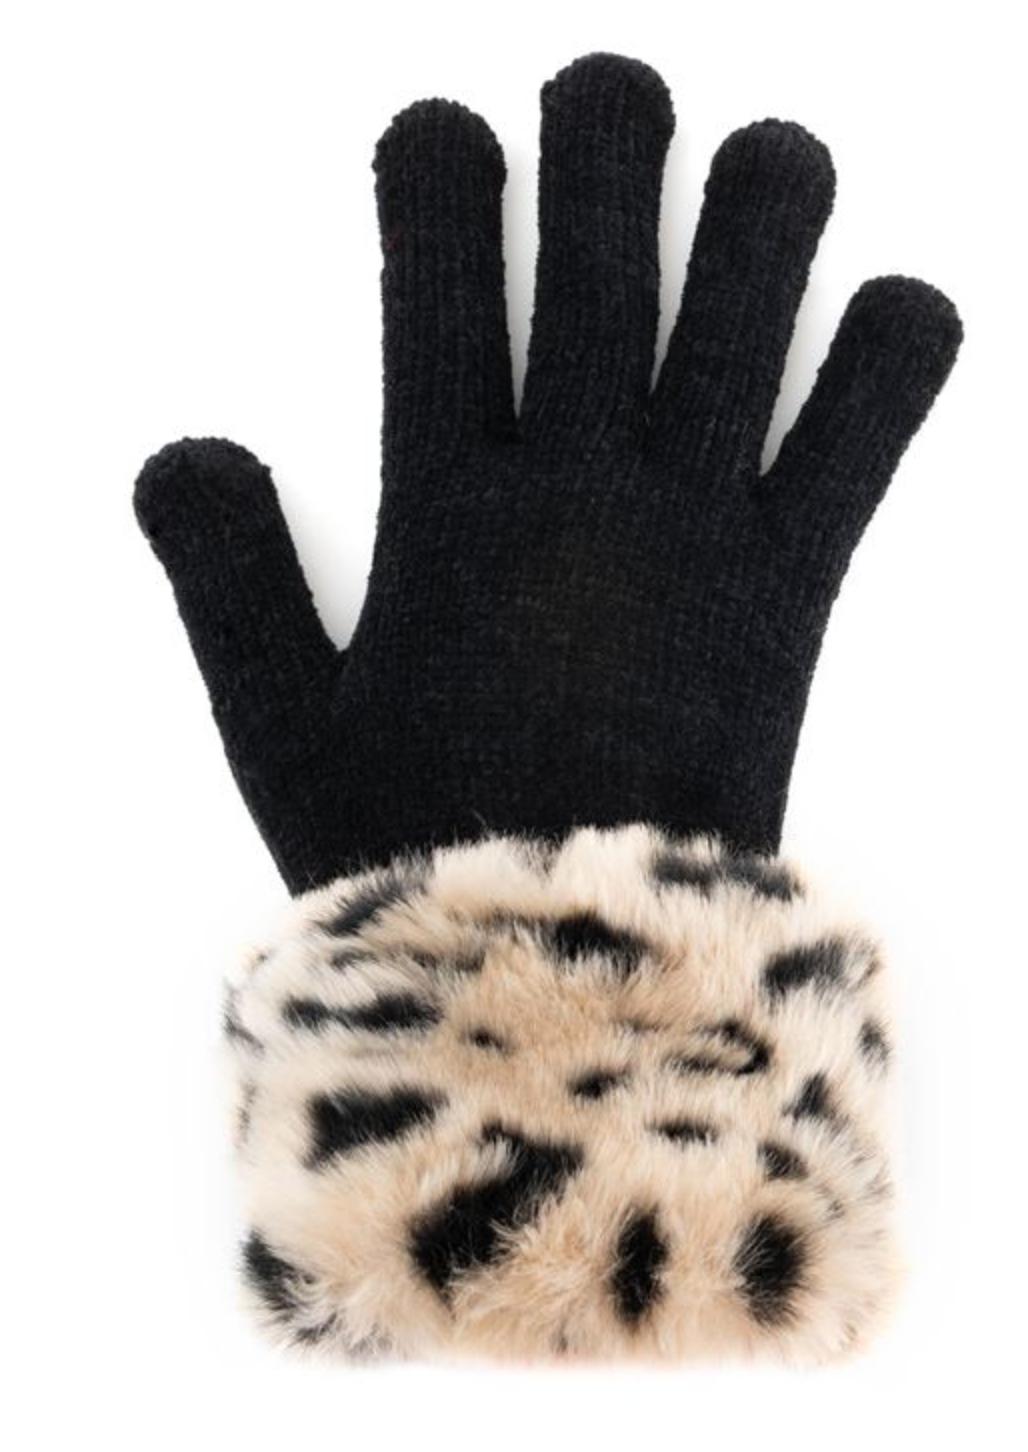 Fab Fur Tech Glove - Cheetah Fur